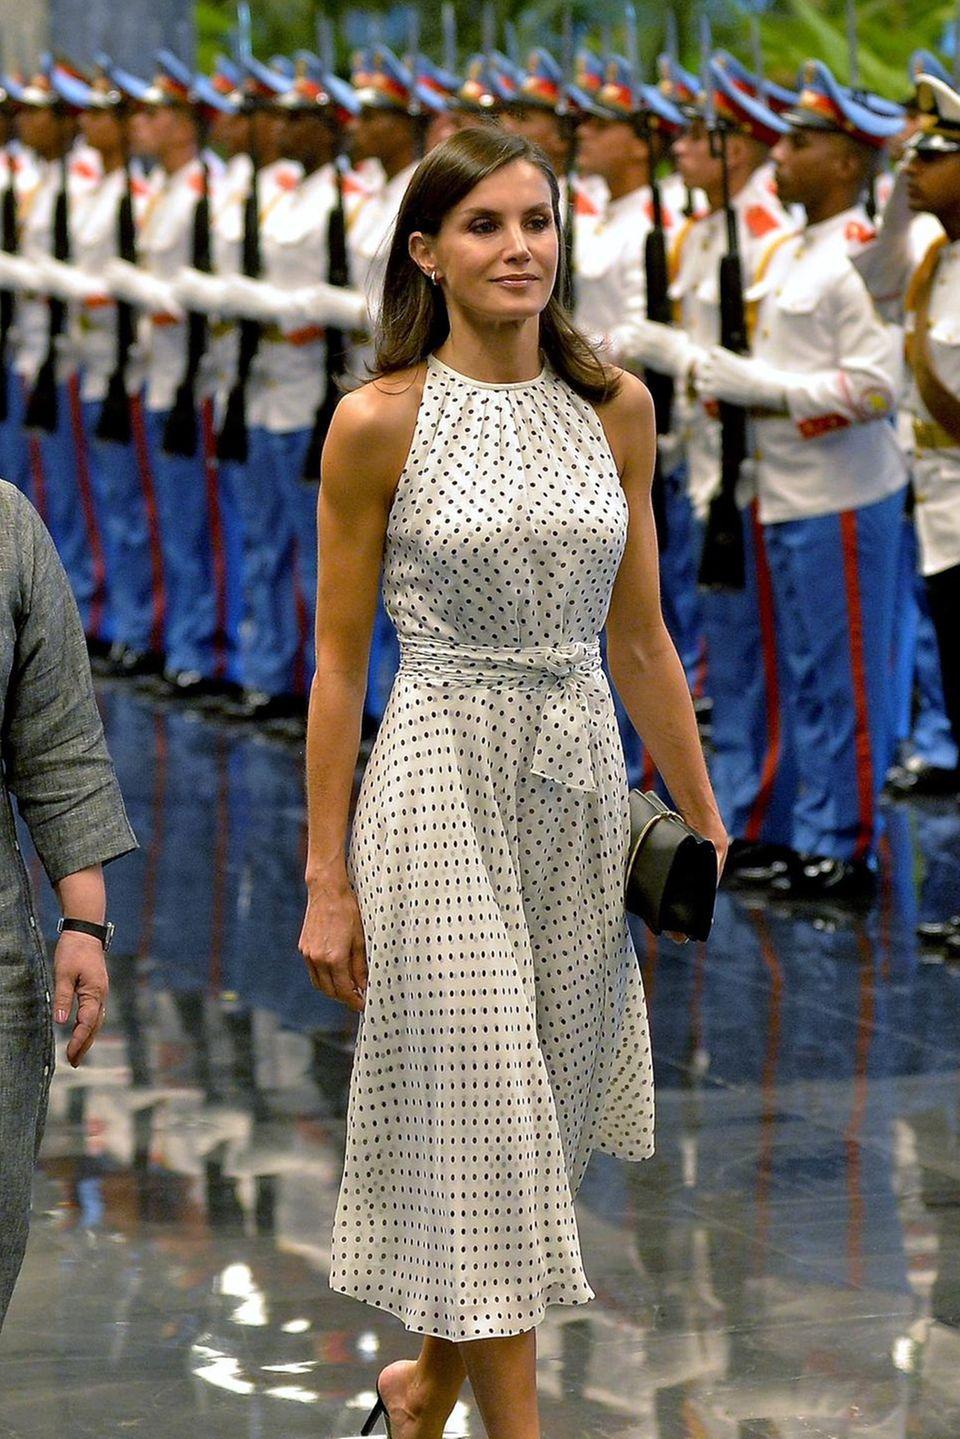 Denn die spanische Königin trägt ihr hübsches Punktekleid mit Neckholder-Ausschnitt und Taillengürtel bereits zum dritten Mal. Einzig und allein ihre Pumps, als auch ihre Ohrringe variiert die 47-Jährige. Für den offiziellen Besuchdes in Kuba, entscheidet sich Letizia für schlichte Gold-Ohrringe des Labels Coolook, schwarze Pumps von Steve Madden und eine ebenfalls schwarze Clutch von Nina Ricci.